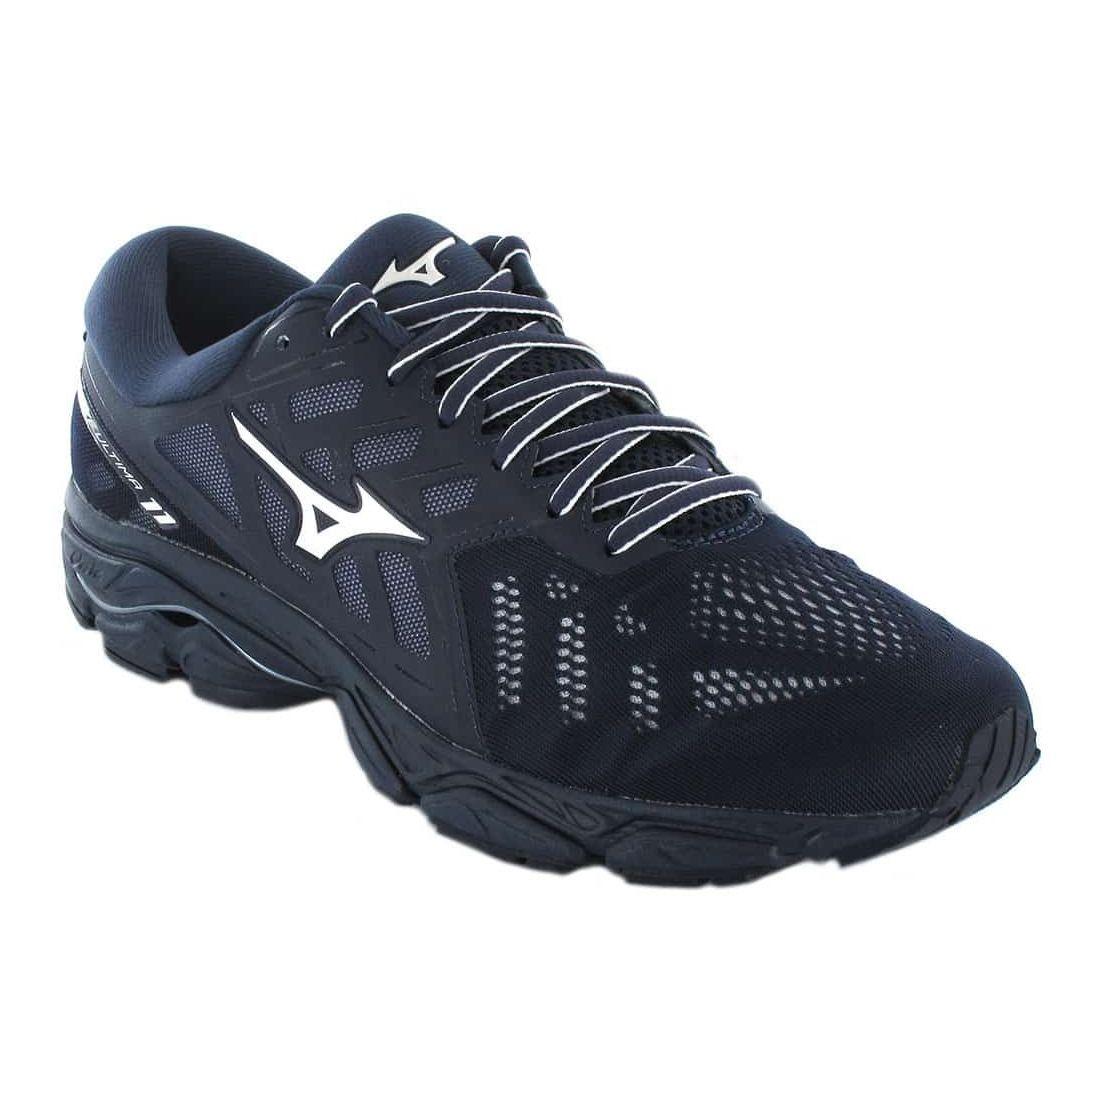 Mizuno Wave Ultima 11 Grey Mizuno Mens Running Shoes Running Shoes Running Sizes: 41, 42, 42,5, 43, 44, 44,5, 45;